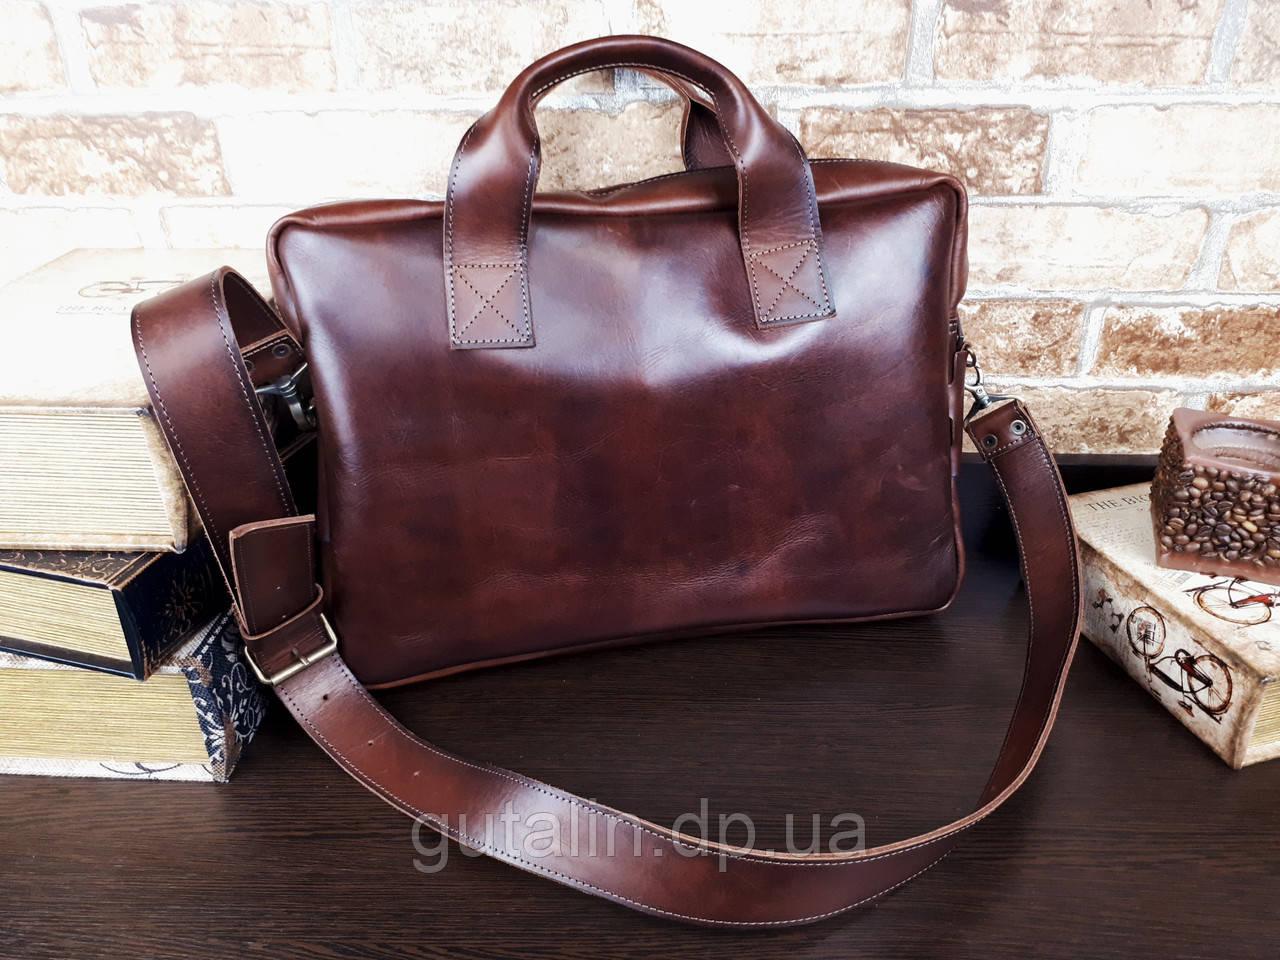 Мужская сумка ручной работы из натуральной кожи Офисная Италия цвет коричневый